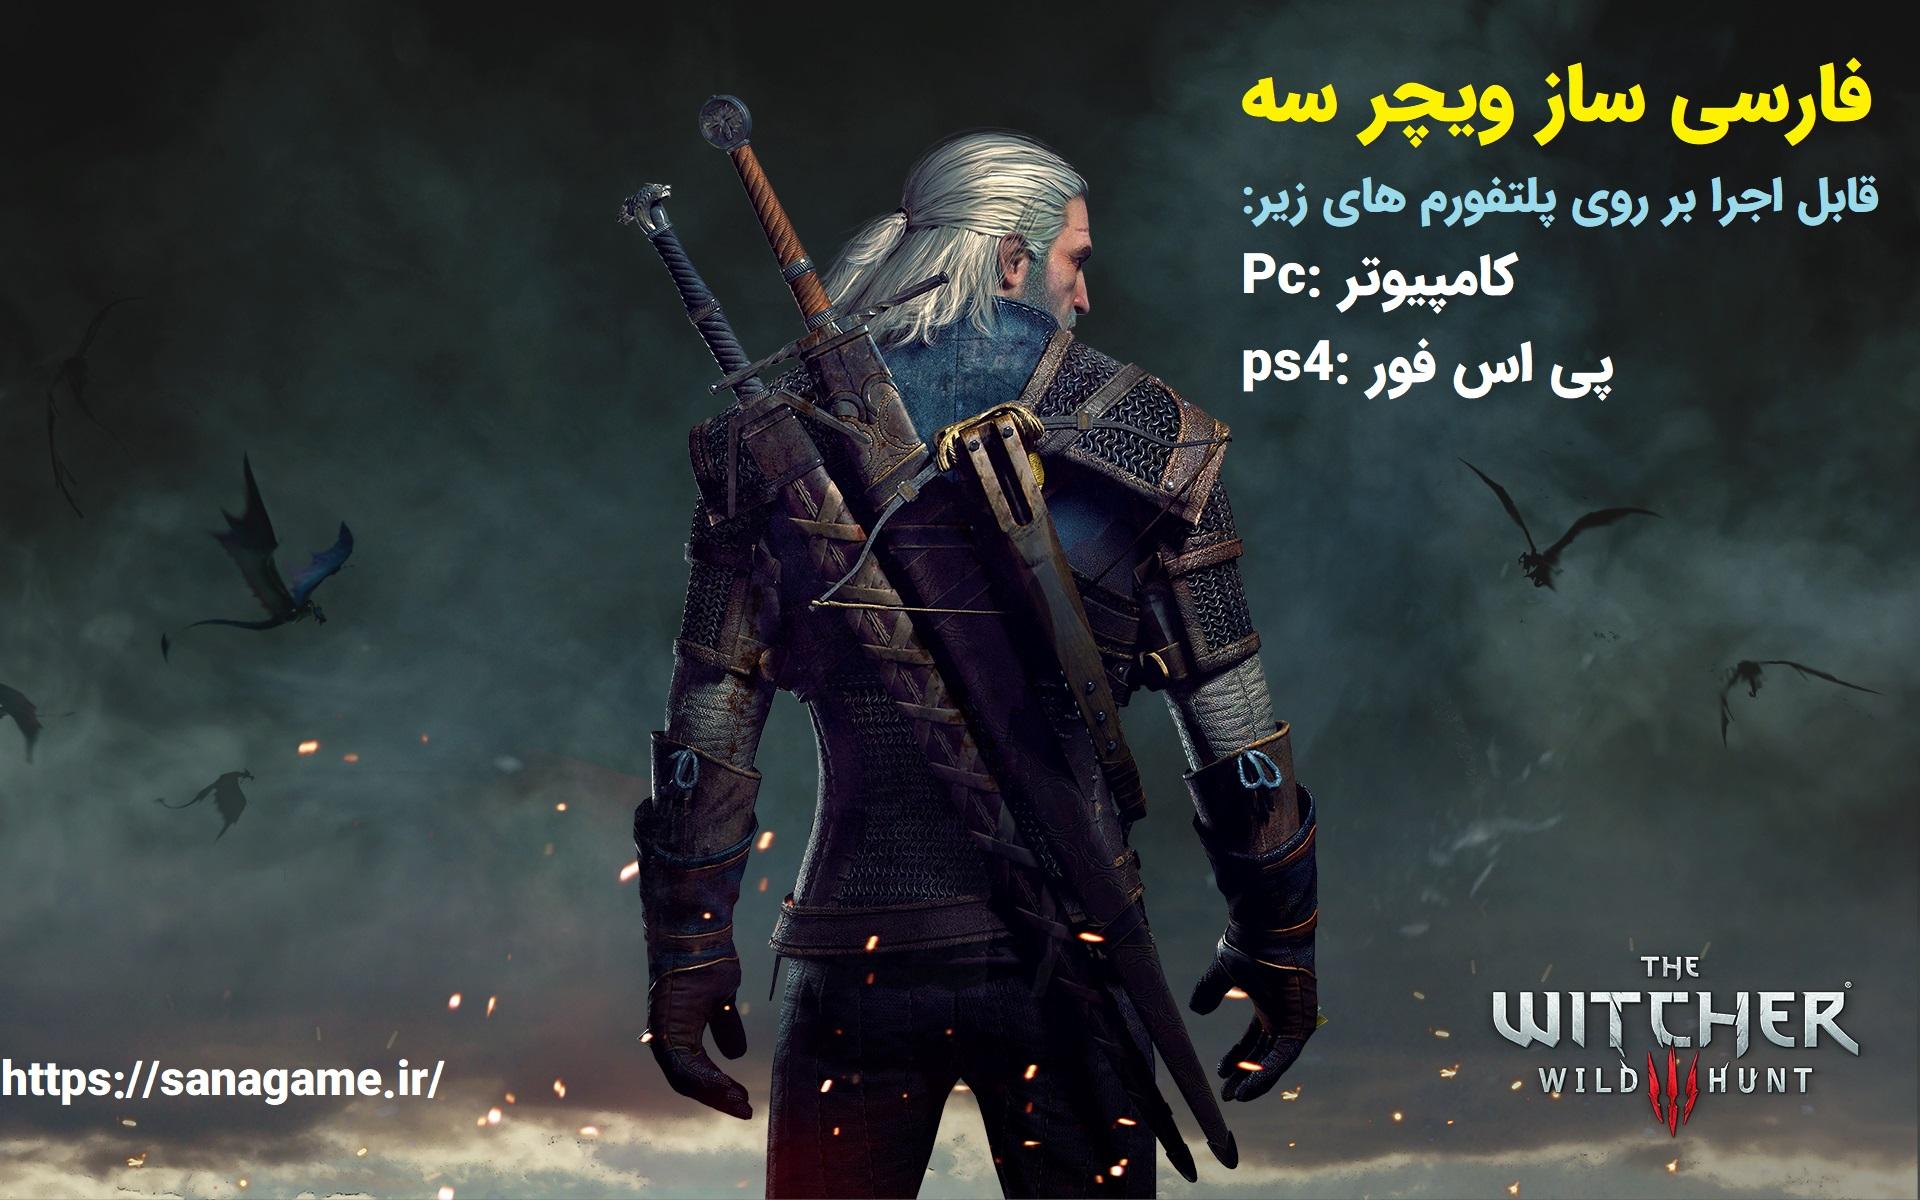 فارسی ساز بازی The Witcher 3 برای کامپیوتر و ps4